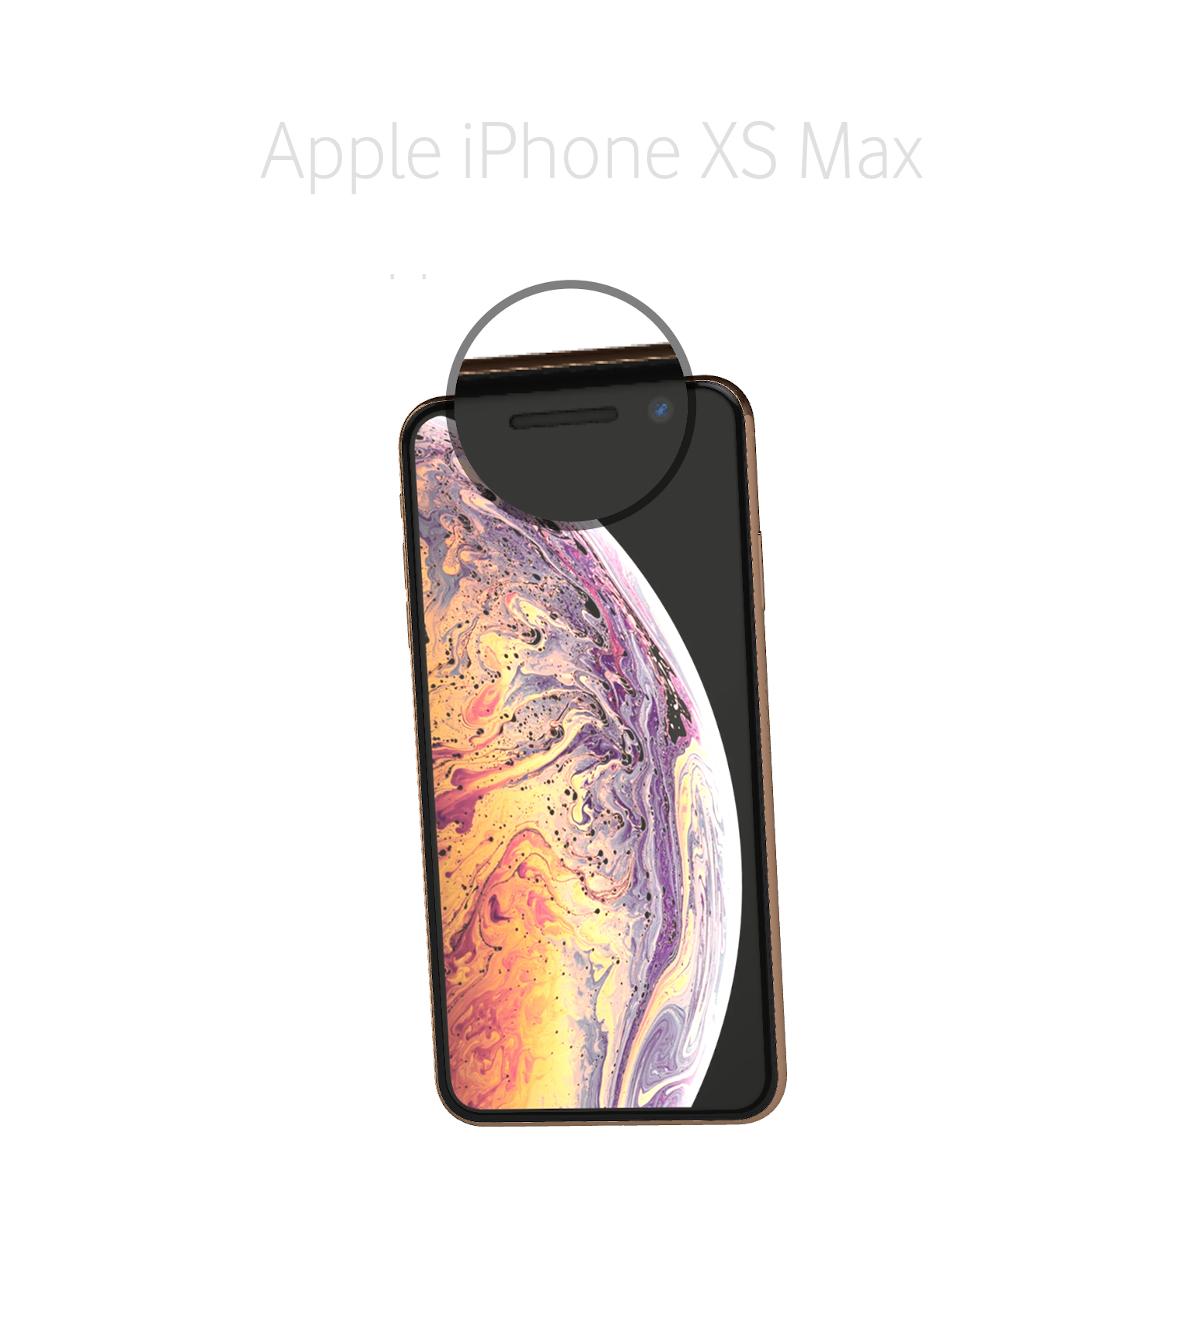 Laga ljussensor iPhone Xs Max